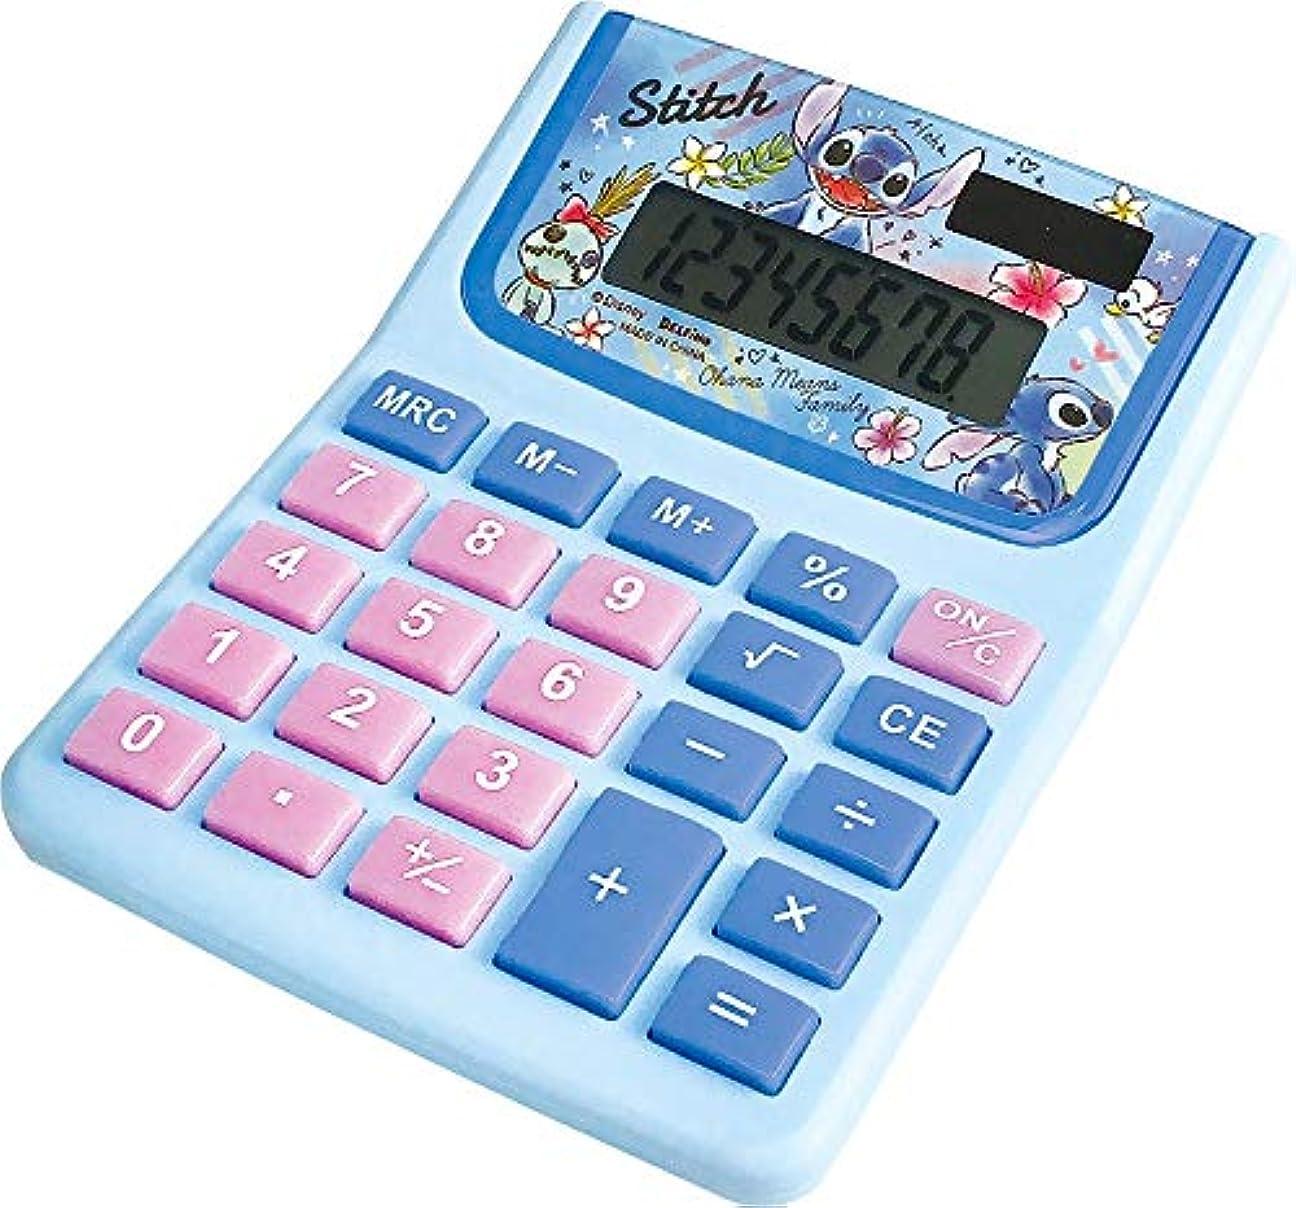 ディズニー 電卓 スティッチ DZ-79774